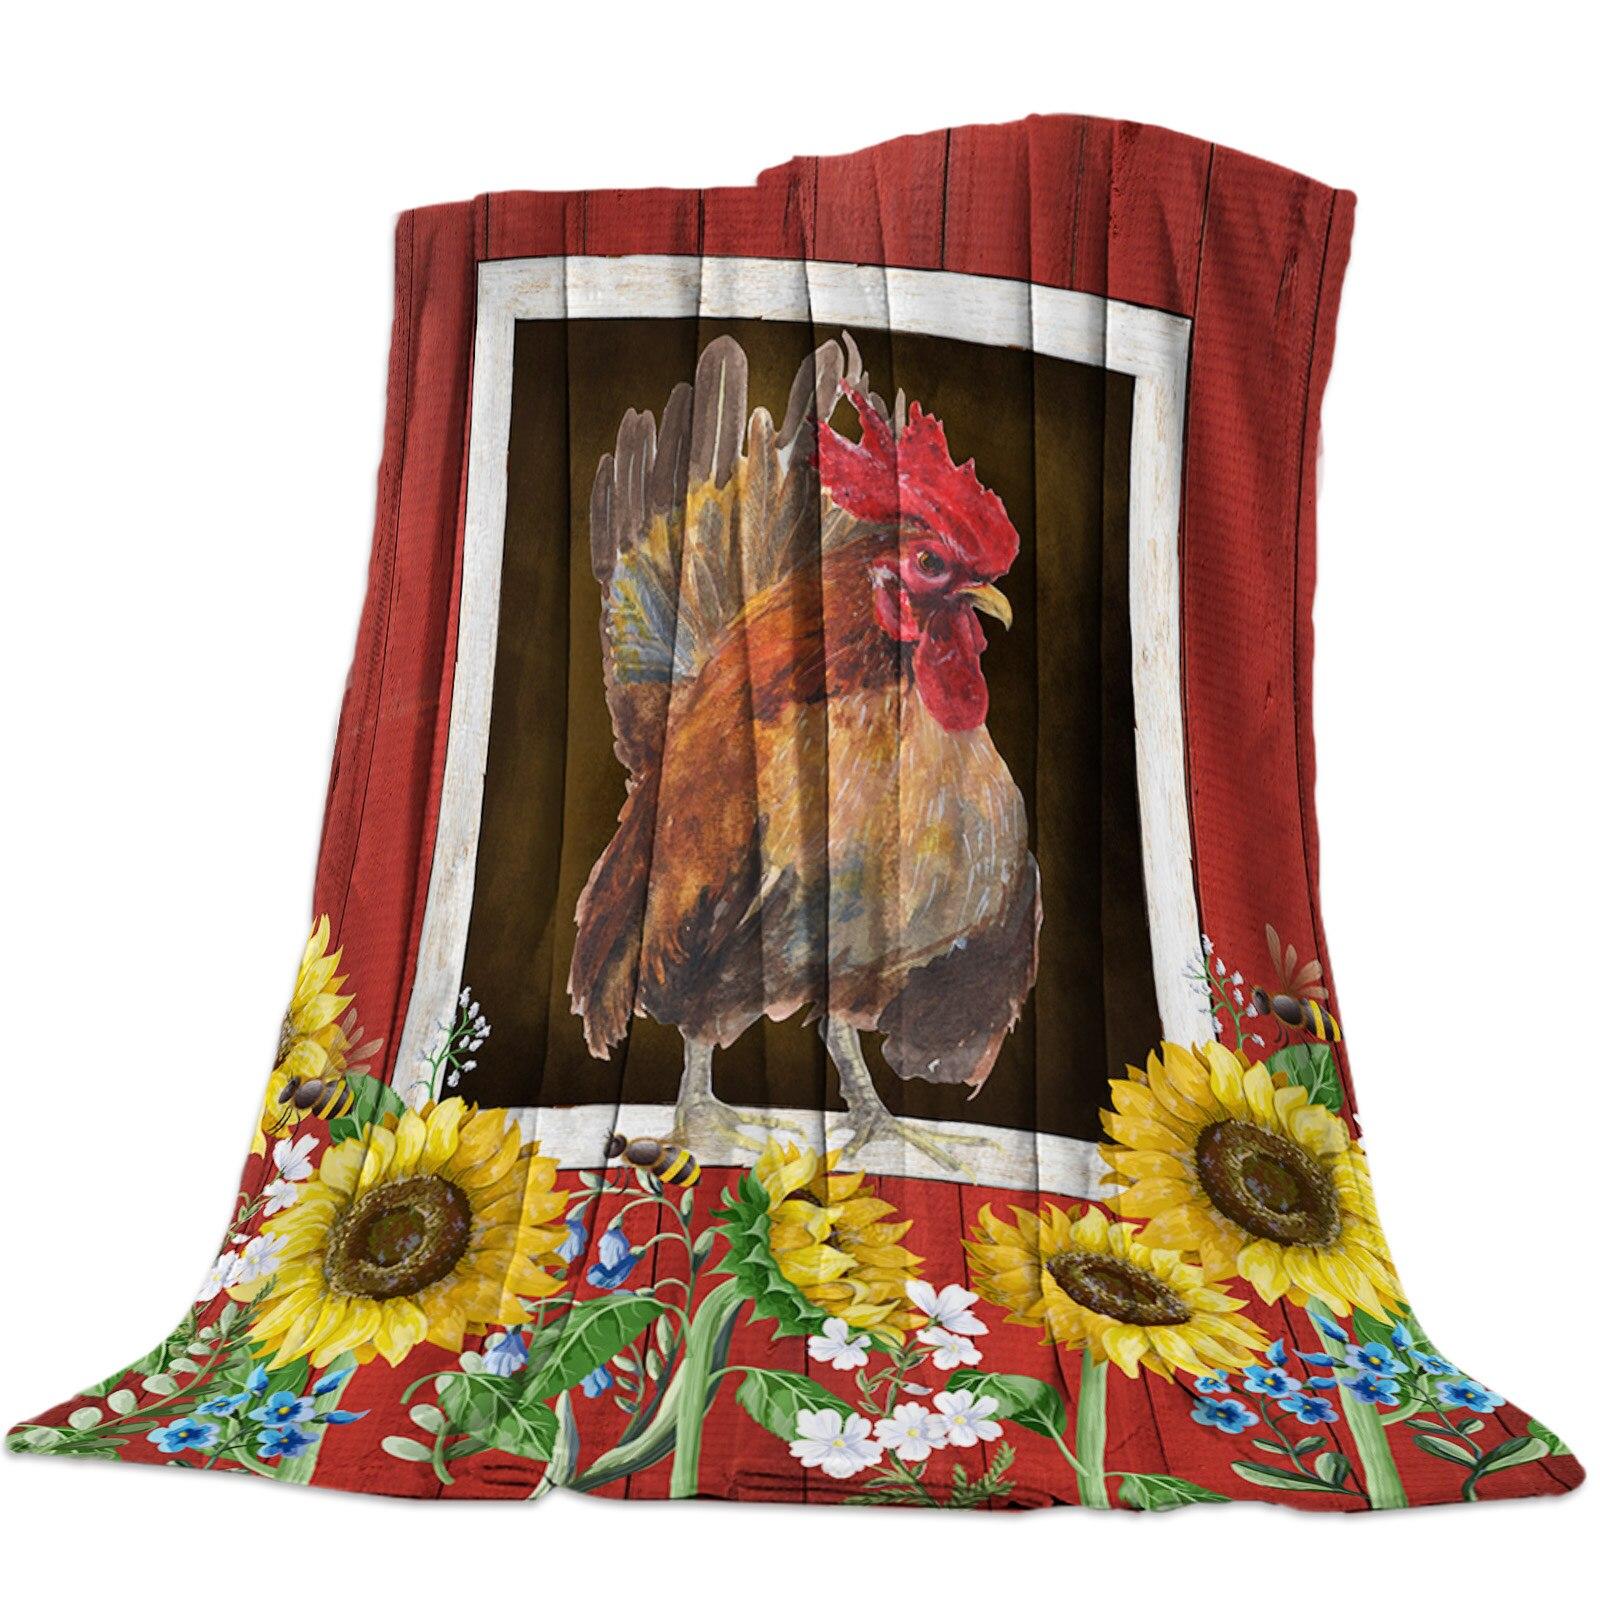 مزرعة الحظيرة الدجاج وعباد الشمس رمي بطانية بطانية ناعمة المحمولة للأريكة ستوكات الفانيلا البطانيات للأسرة